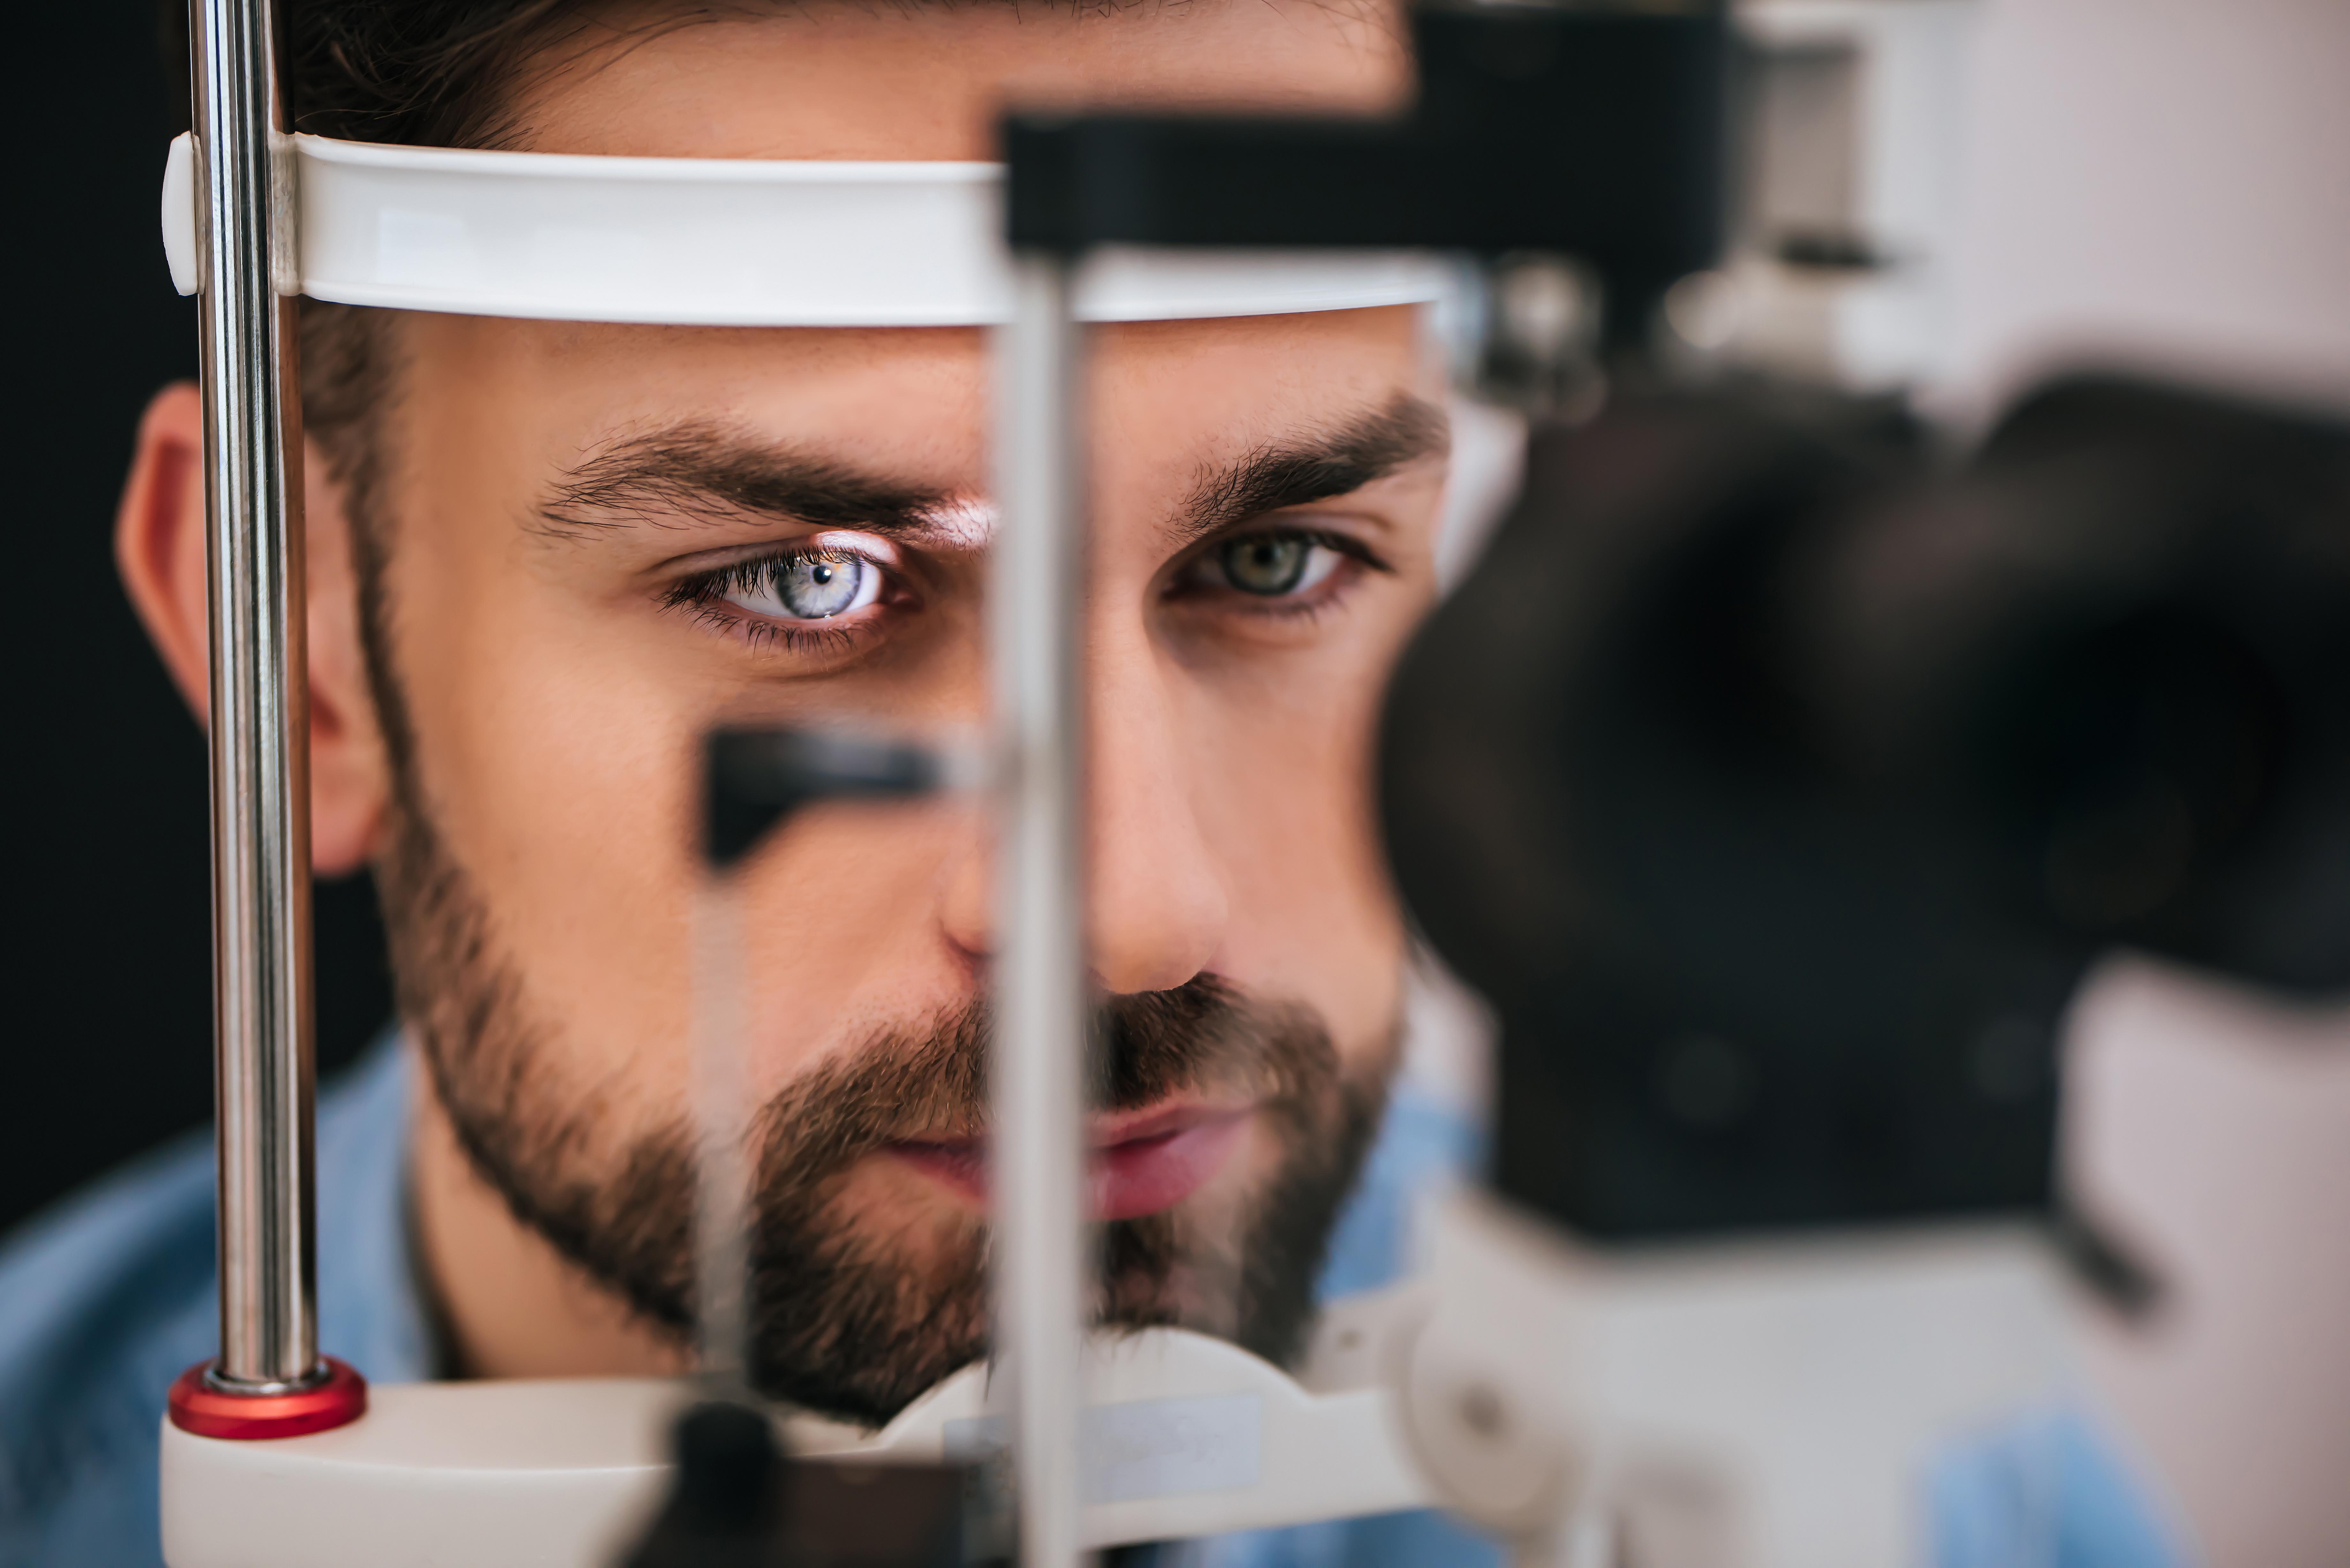 La pression cérébrale pourrait également jouer un rôle dans le développement du glaucome